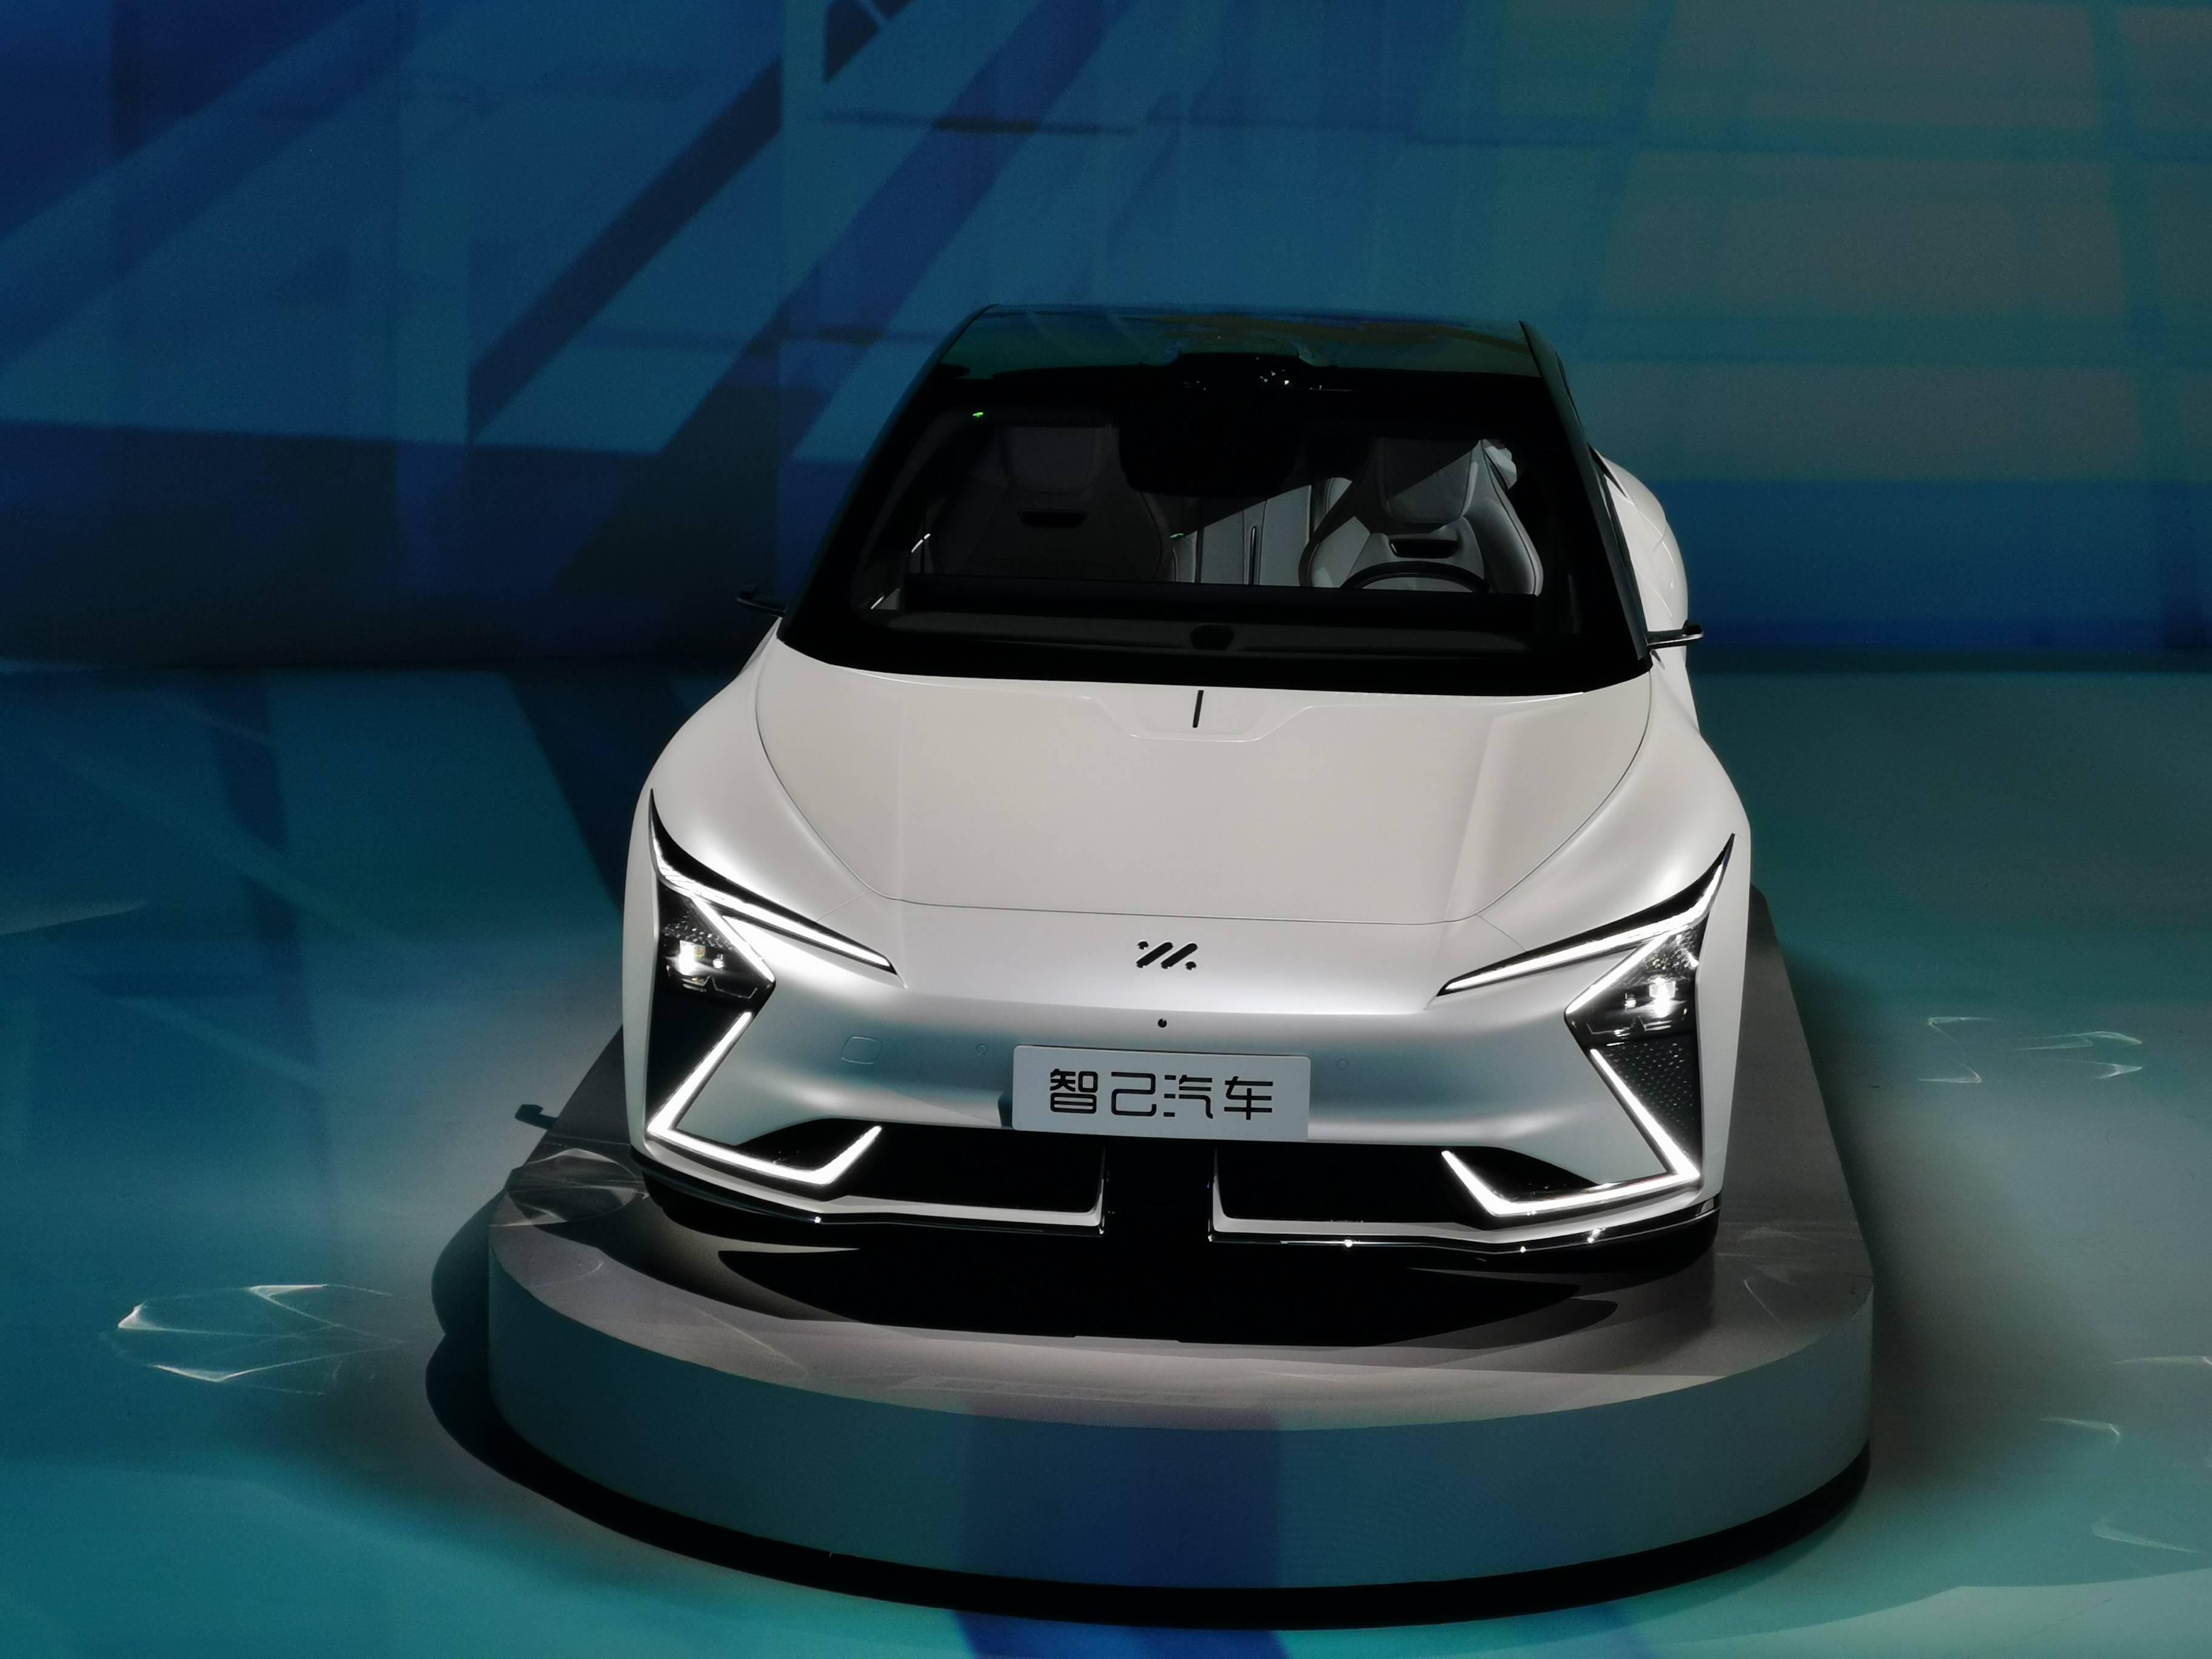 最初的智基车诞生了,以SAIC和阿里为后盾,专注于智能、电动和豪华